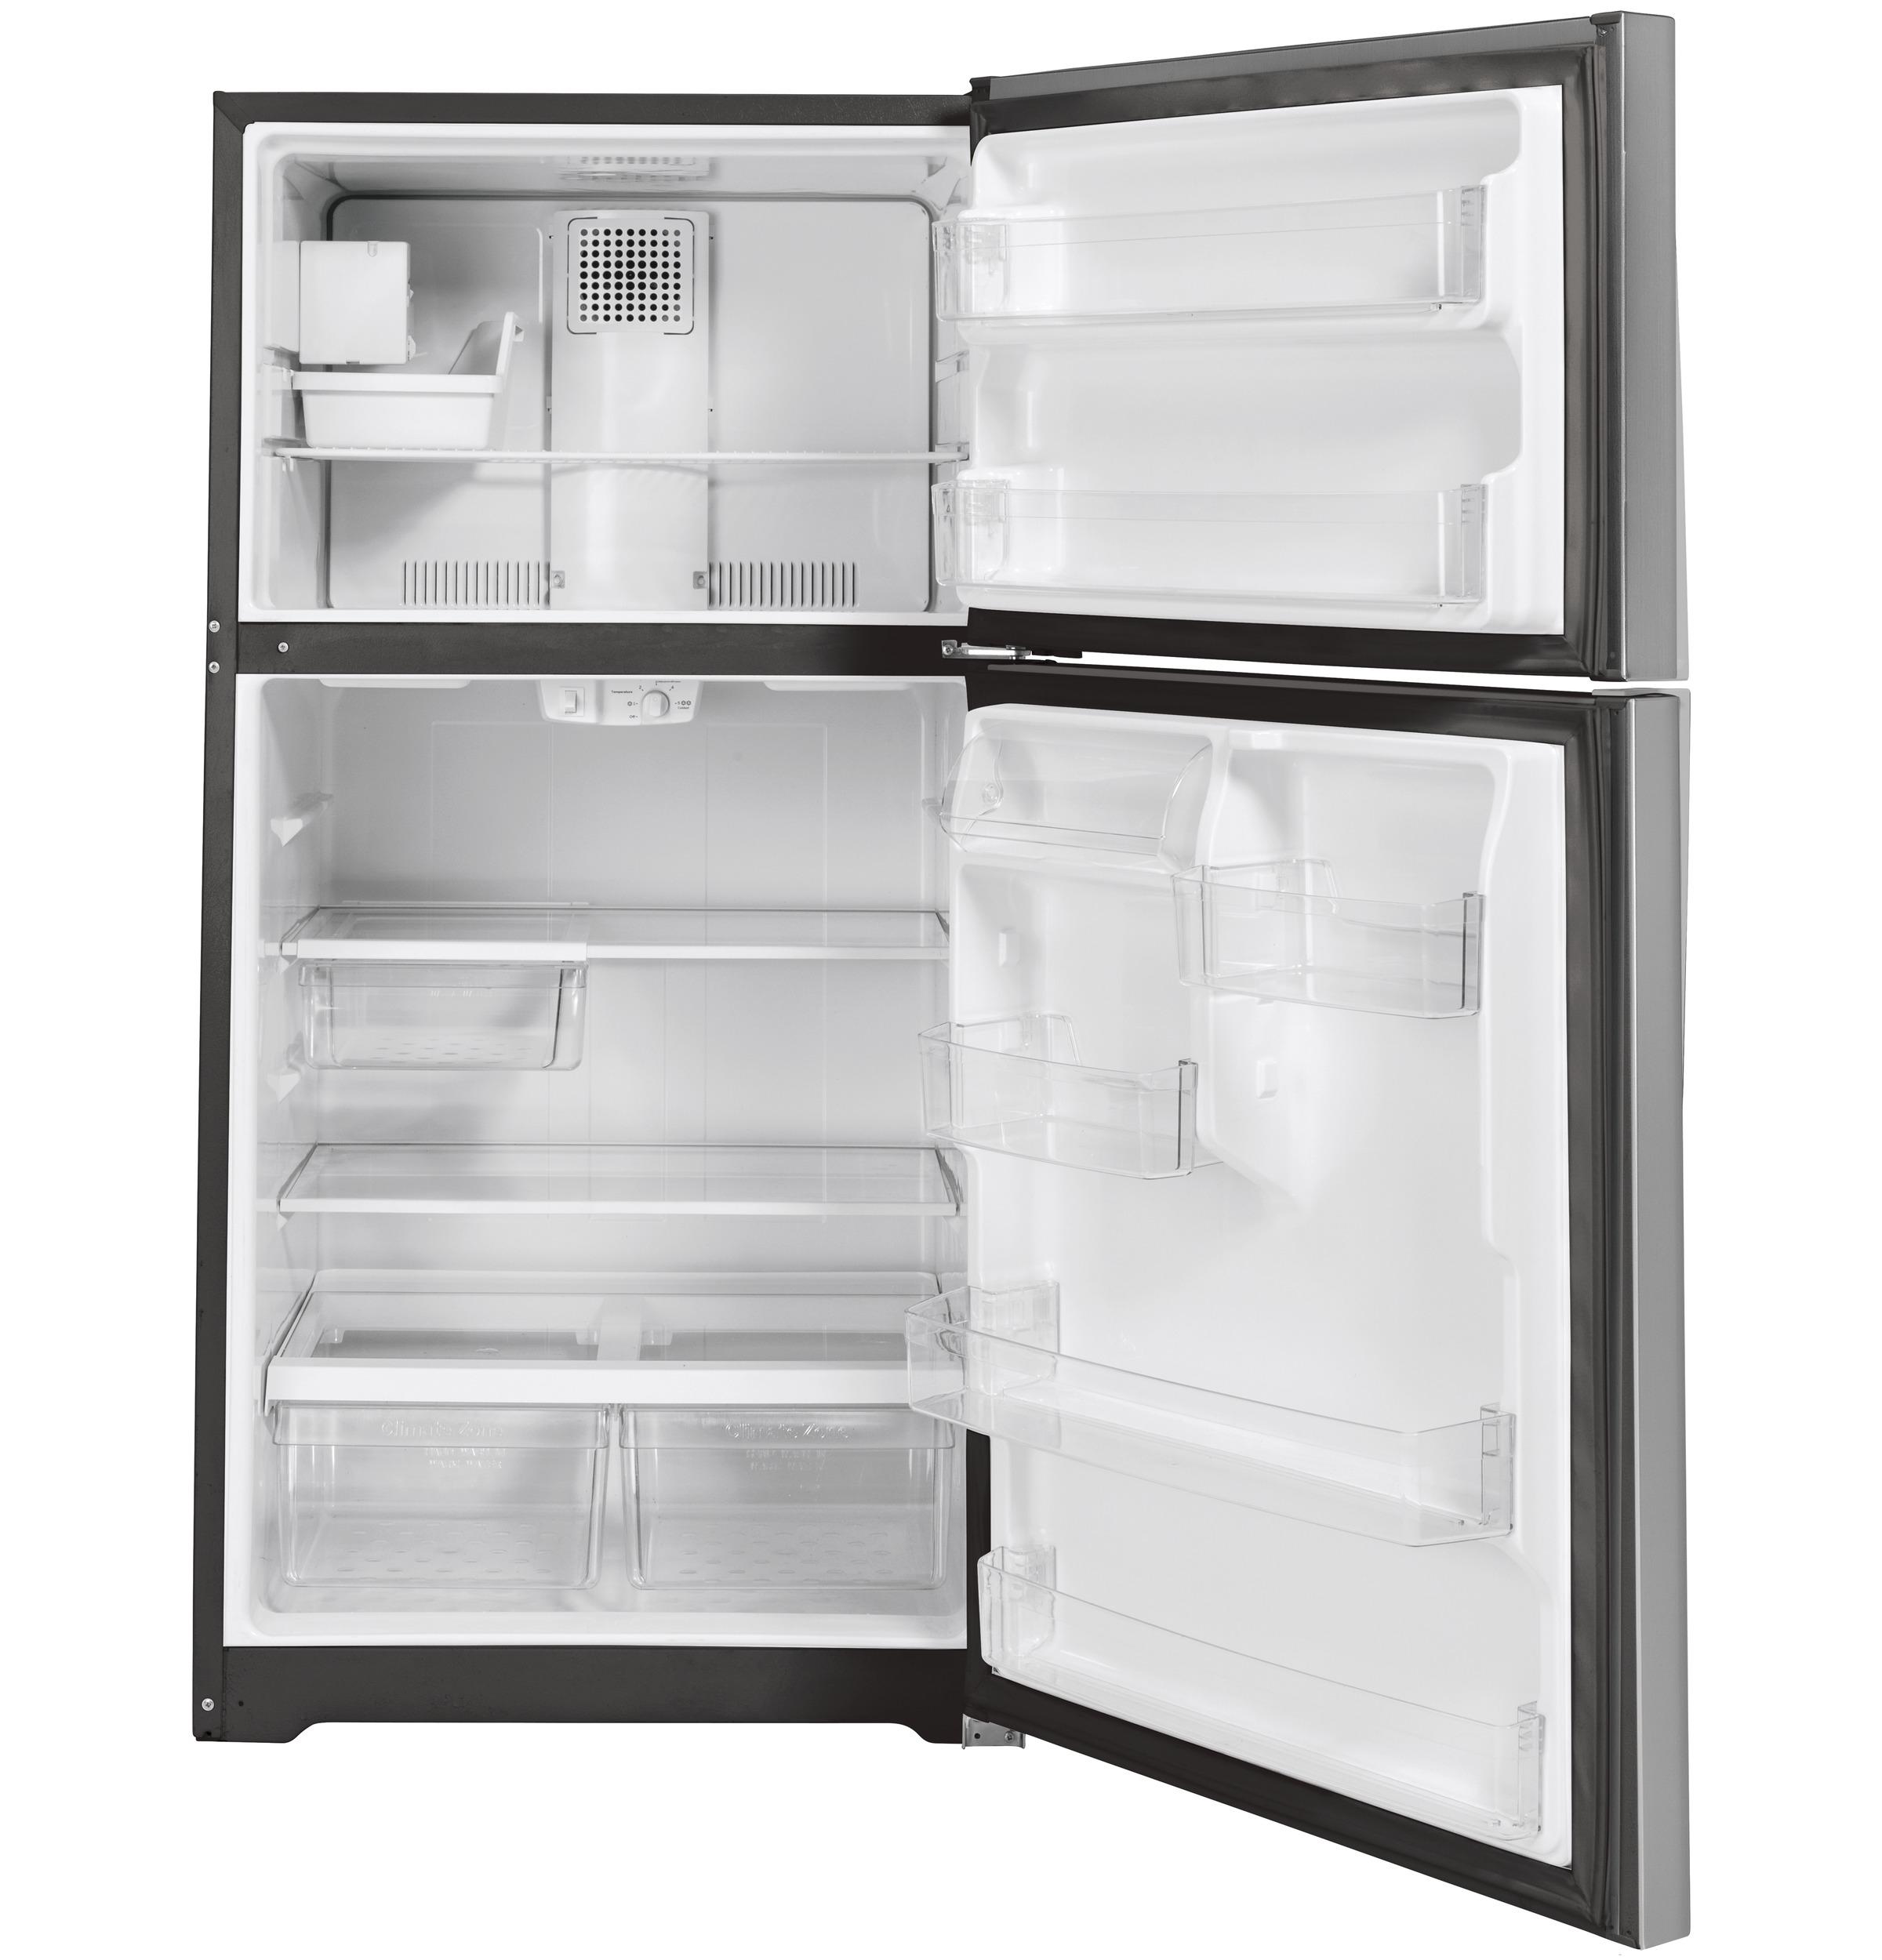 Model: GIE19JSNRSS | GE GE® ENERGY STAR® 19.2 Cu. Ft. Top-Freezer Refrigerator